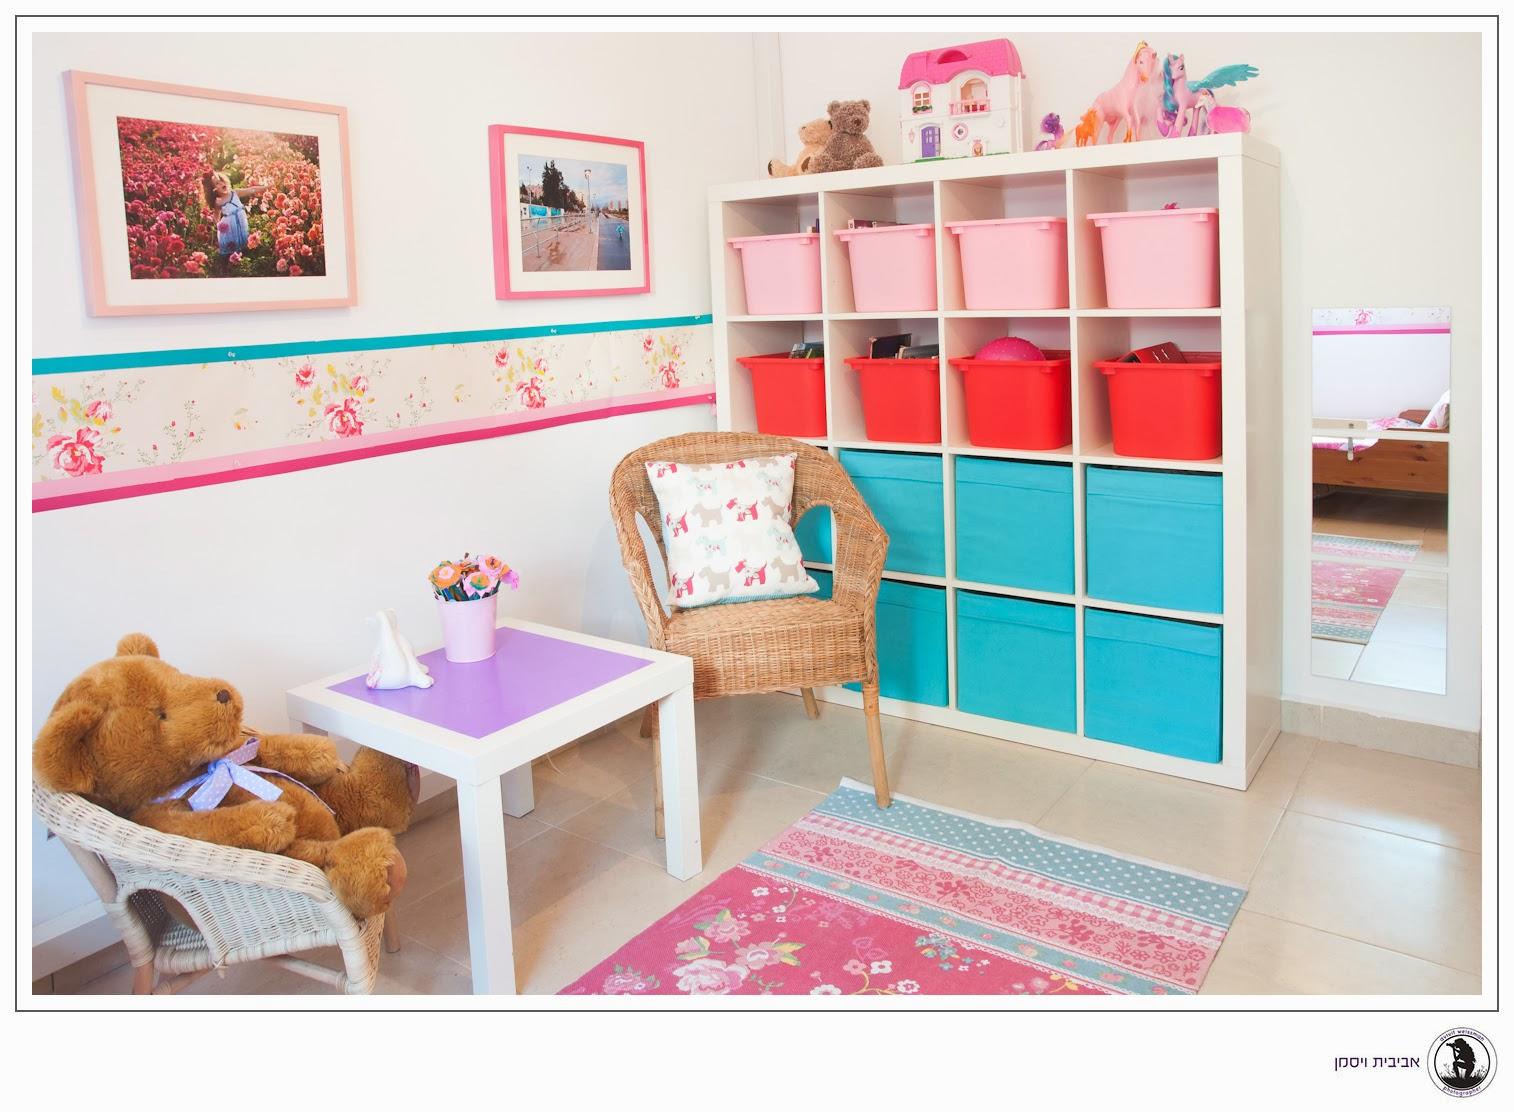 עיצוב חדר ילדים - פוסט אורח יונית שטרן